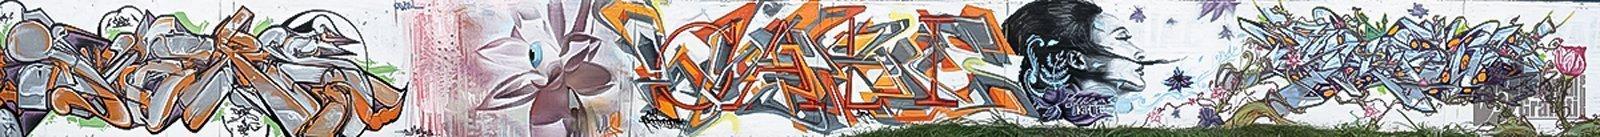 2-TCM-2010-CALI